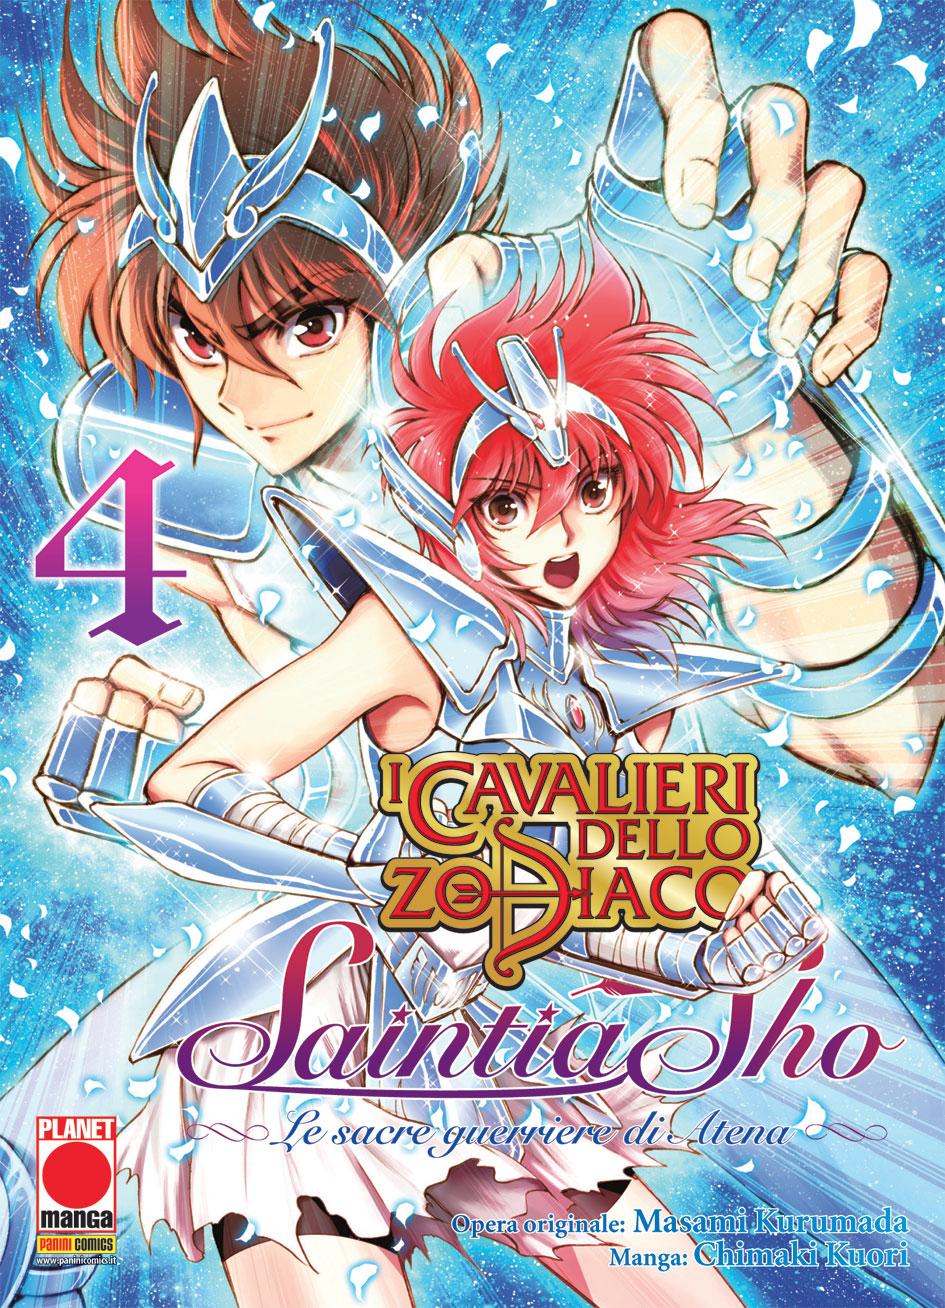 I Cavalieri dello Zodiaco - Saintia Sho vol. 4